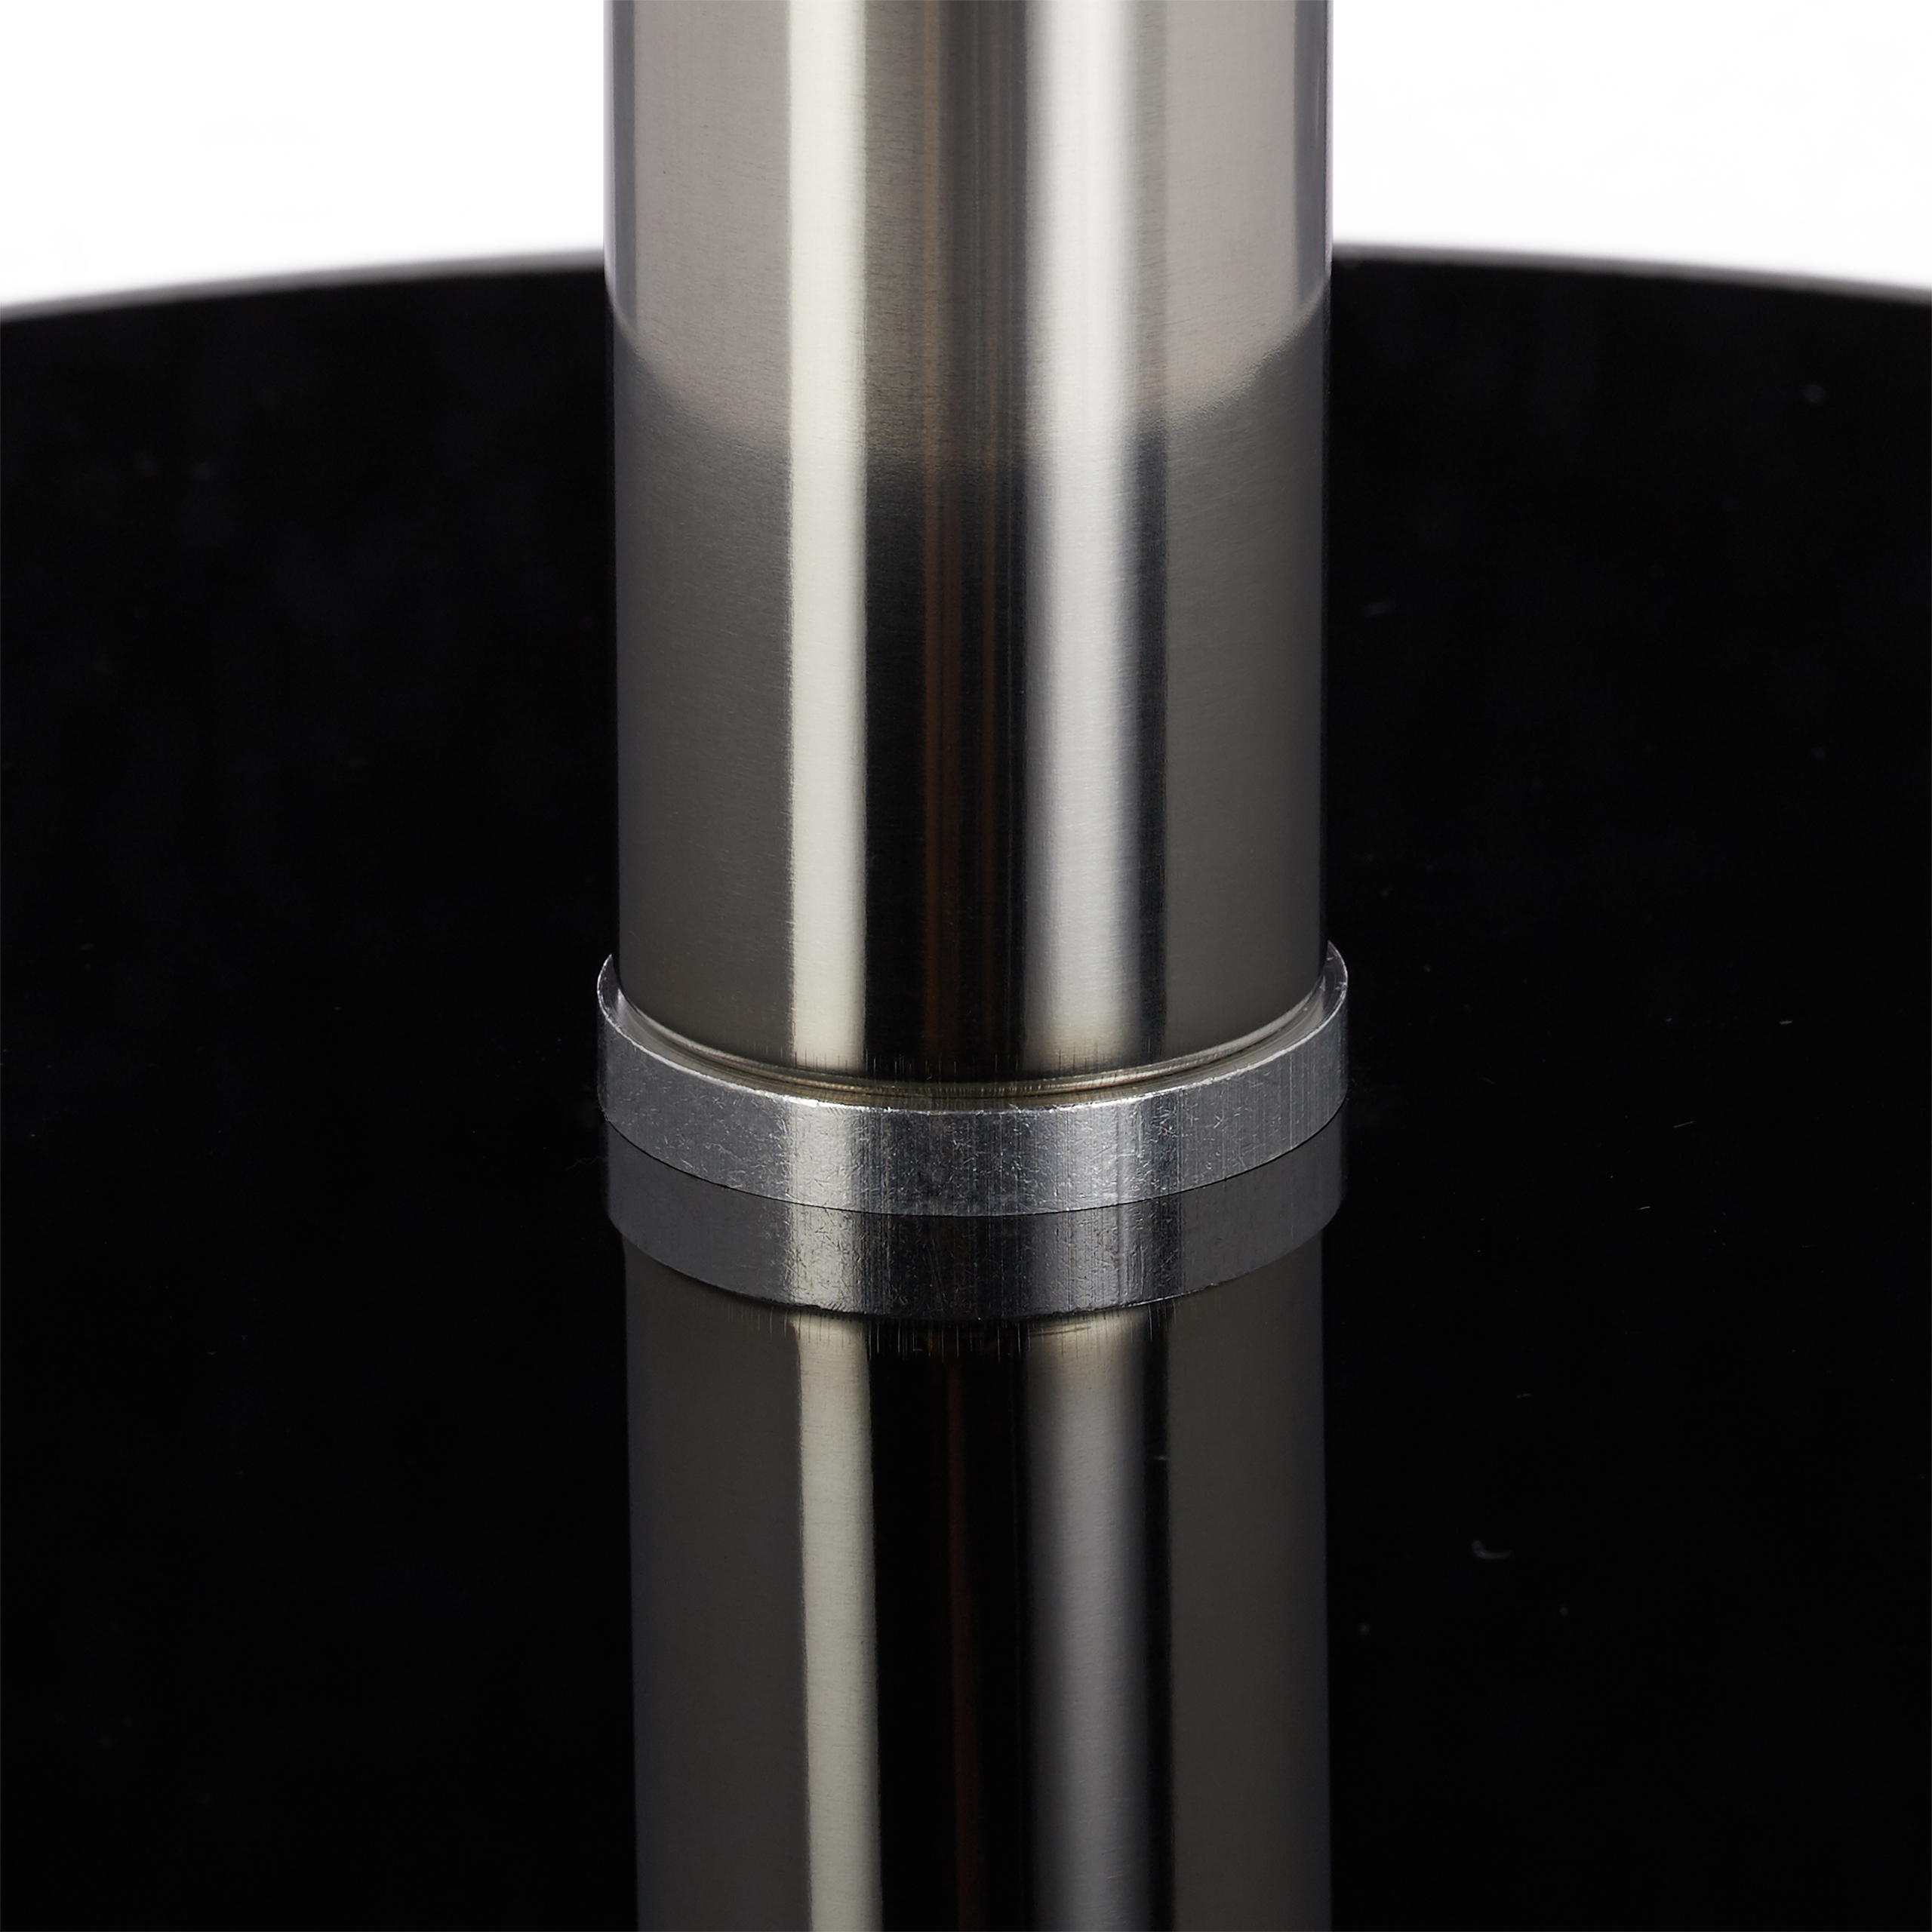 Beistelltisch glas edelstahl rund designertisch sofatisch kaffeetisch ziertisch ebay for Beistelltisch glas edelstahl